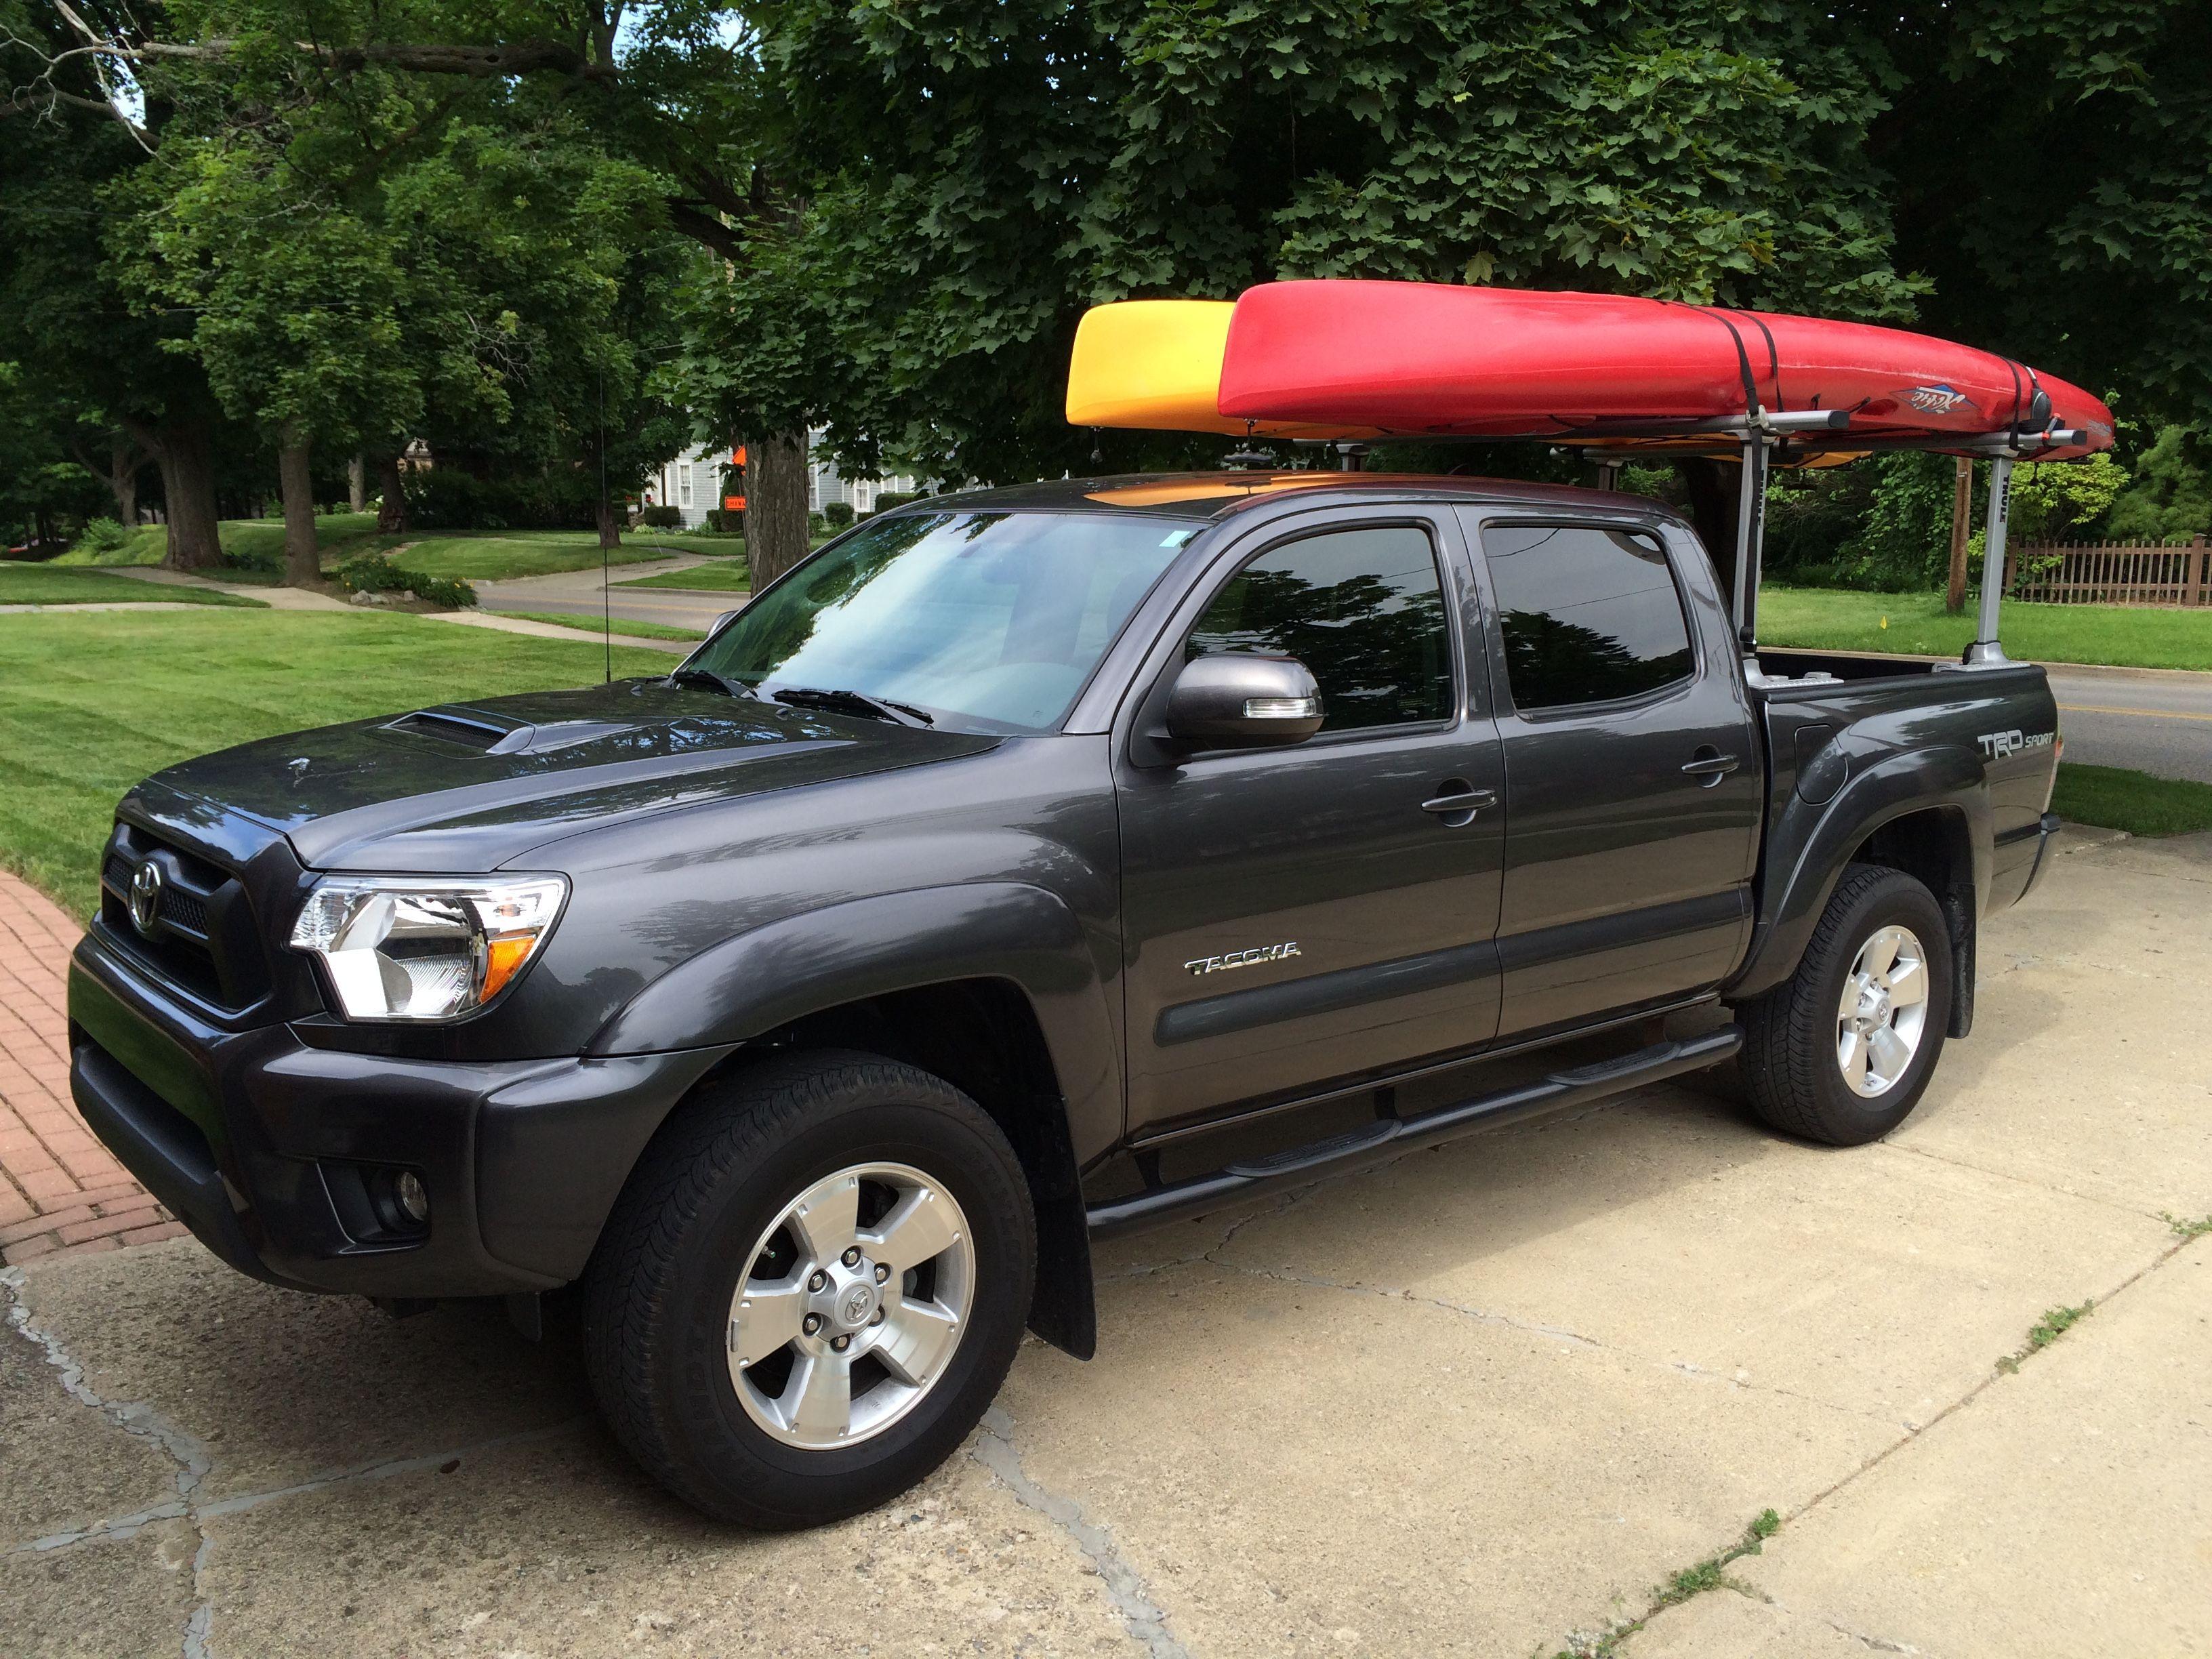 Hobie kayak, Thule rack